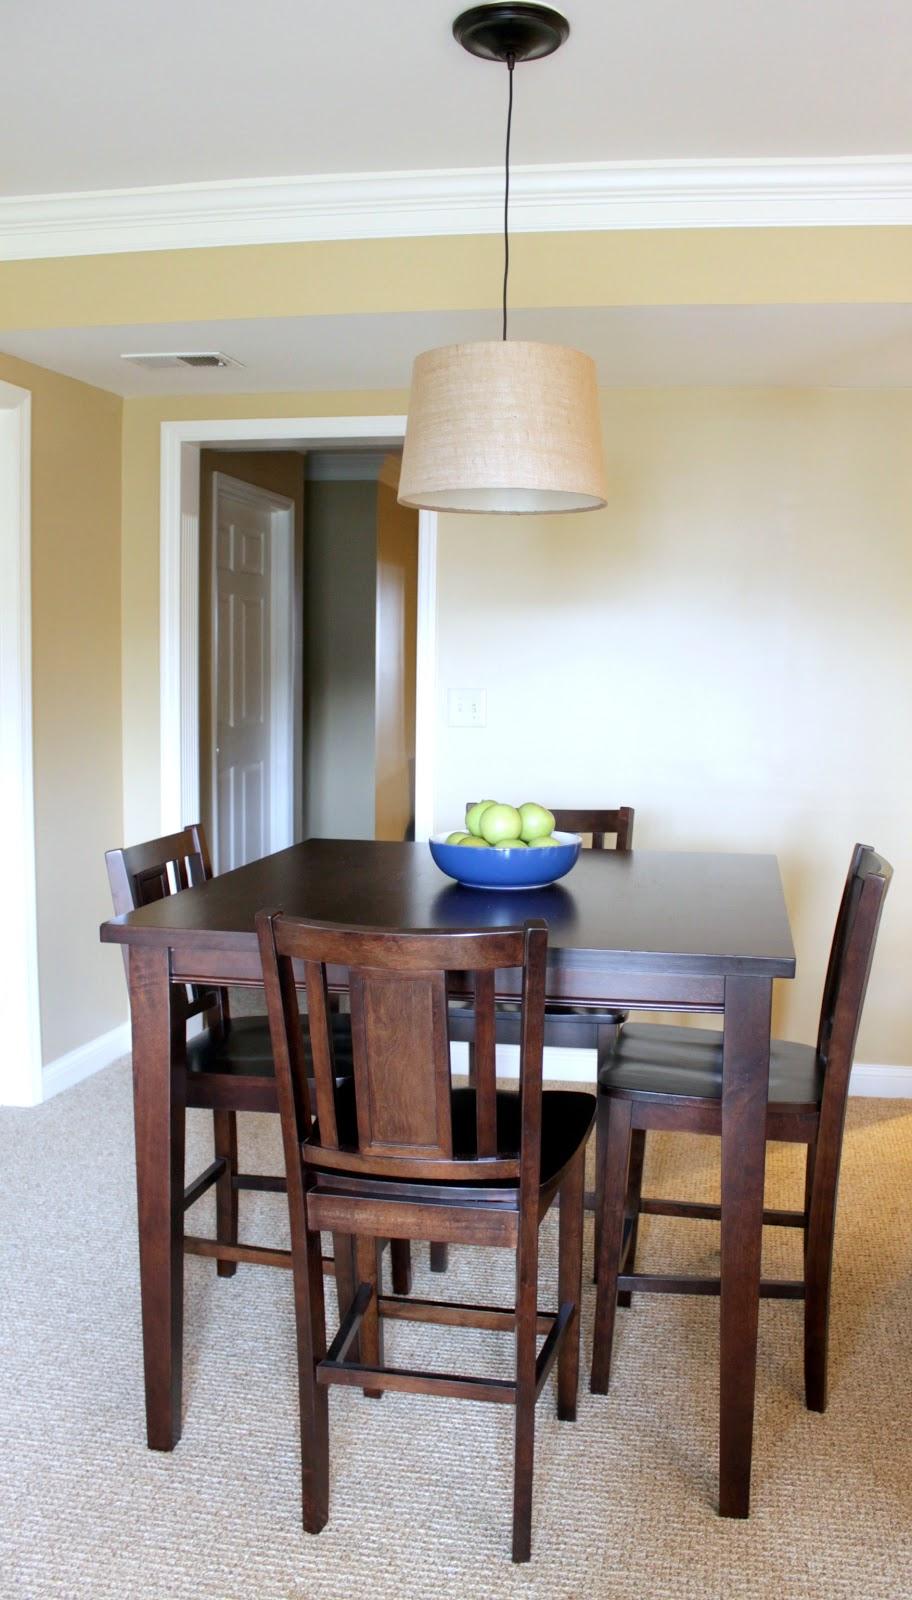 hanging drum shade. Black Bedroom Furniture Sets. Home Design Ideas